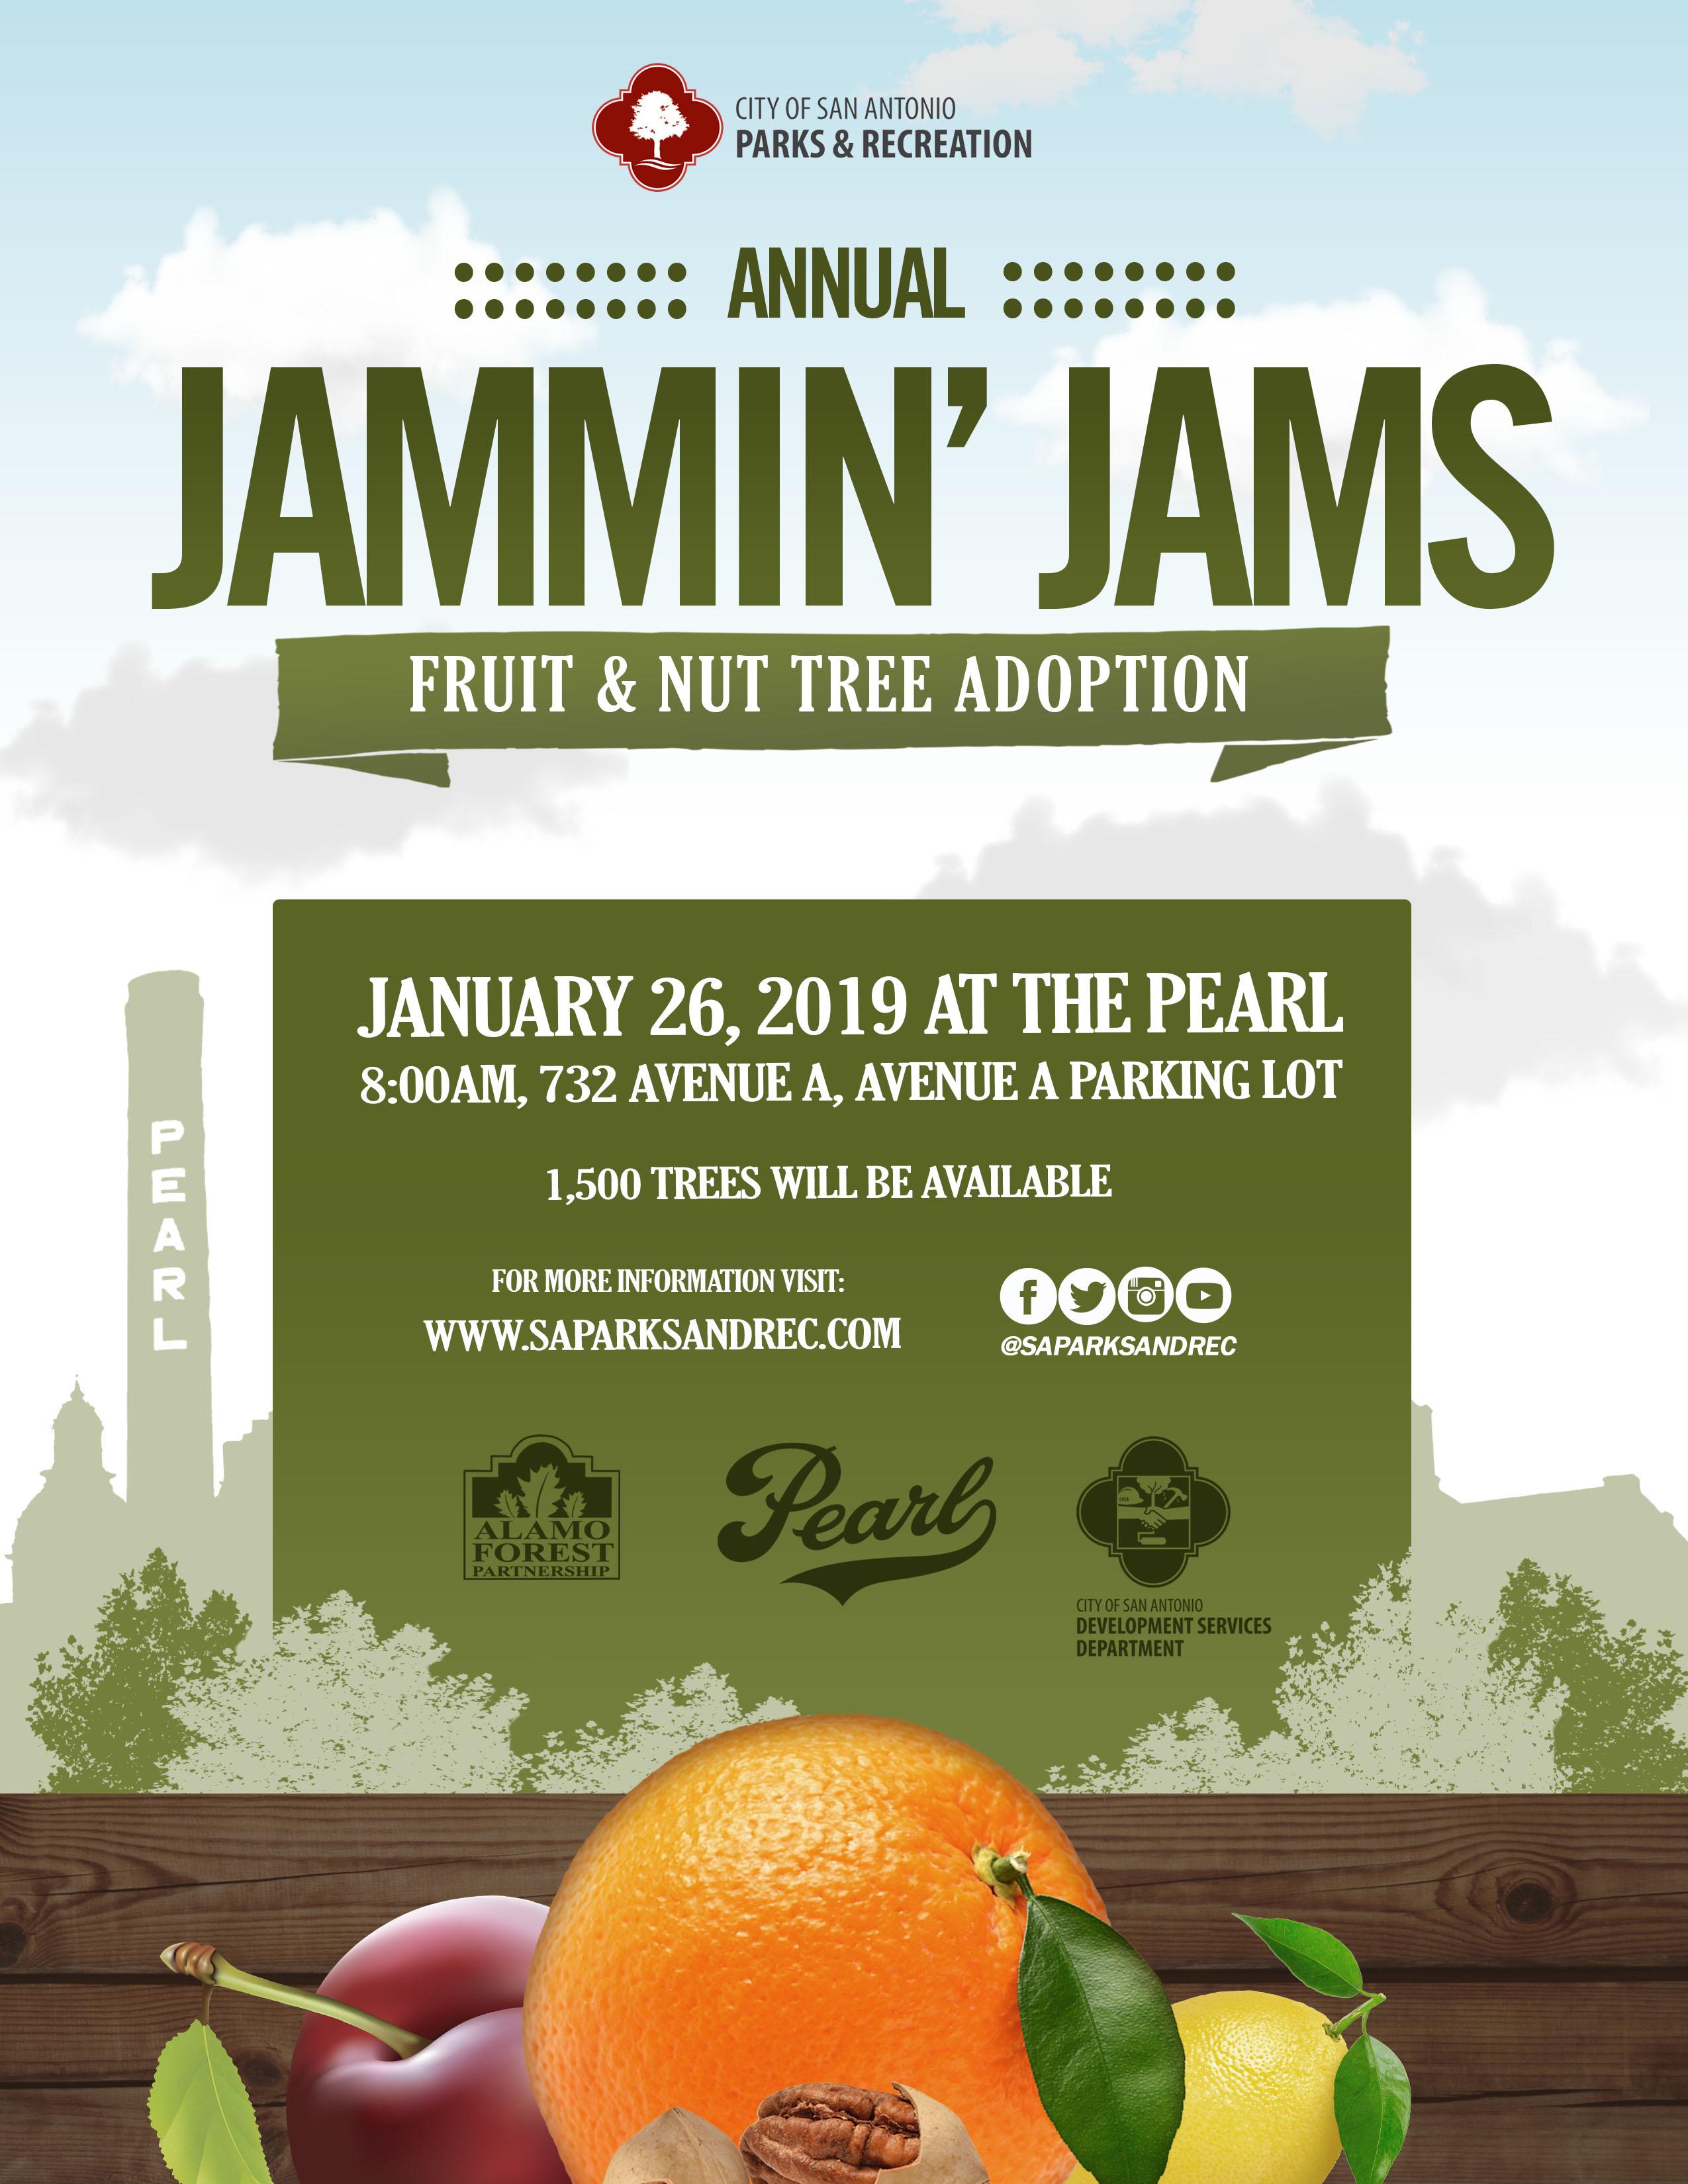 Jammin' Jams (Fruit & Nut Tree Adoption) - The City of San